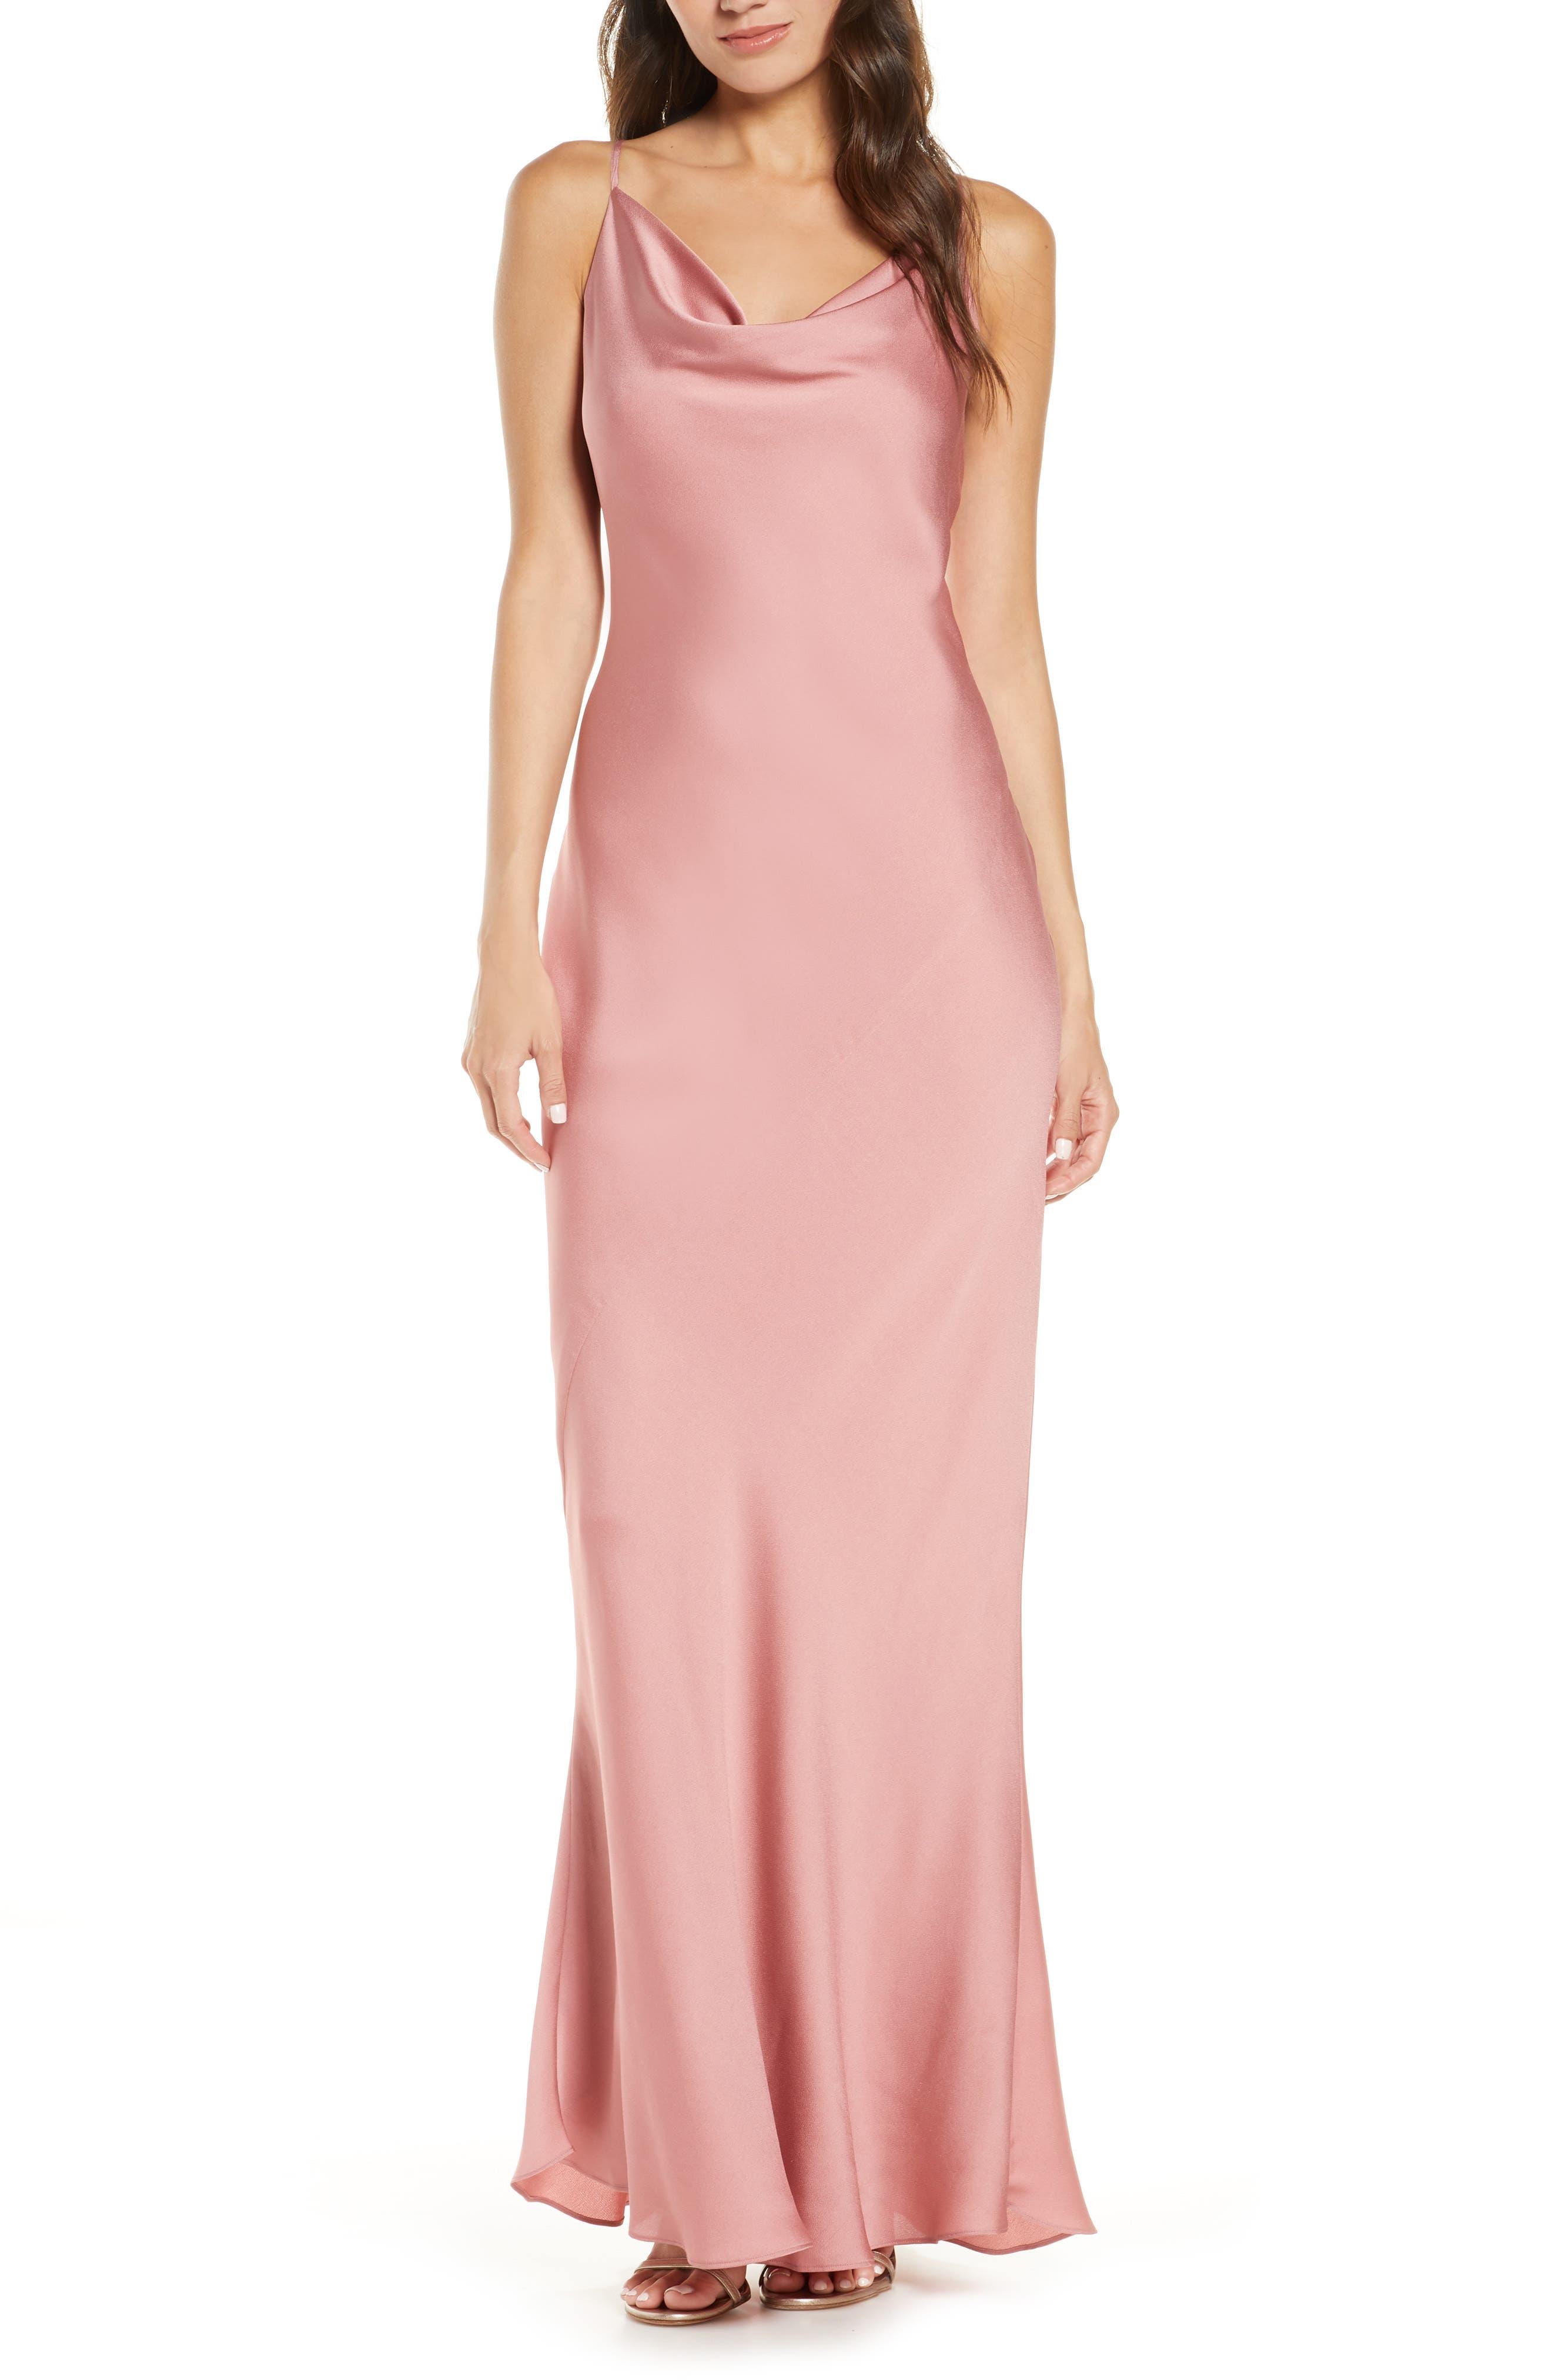 Image of SHONA JOY Cowl Neck Satin Gown